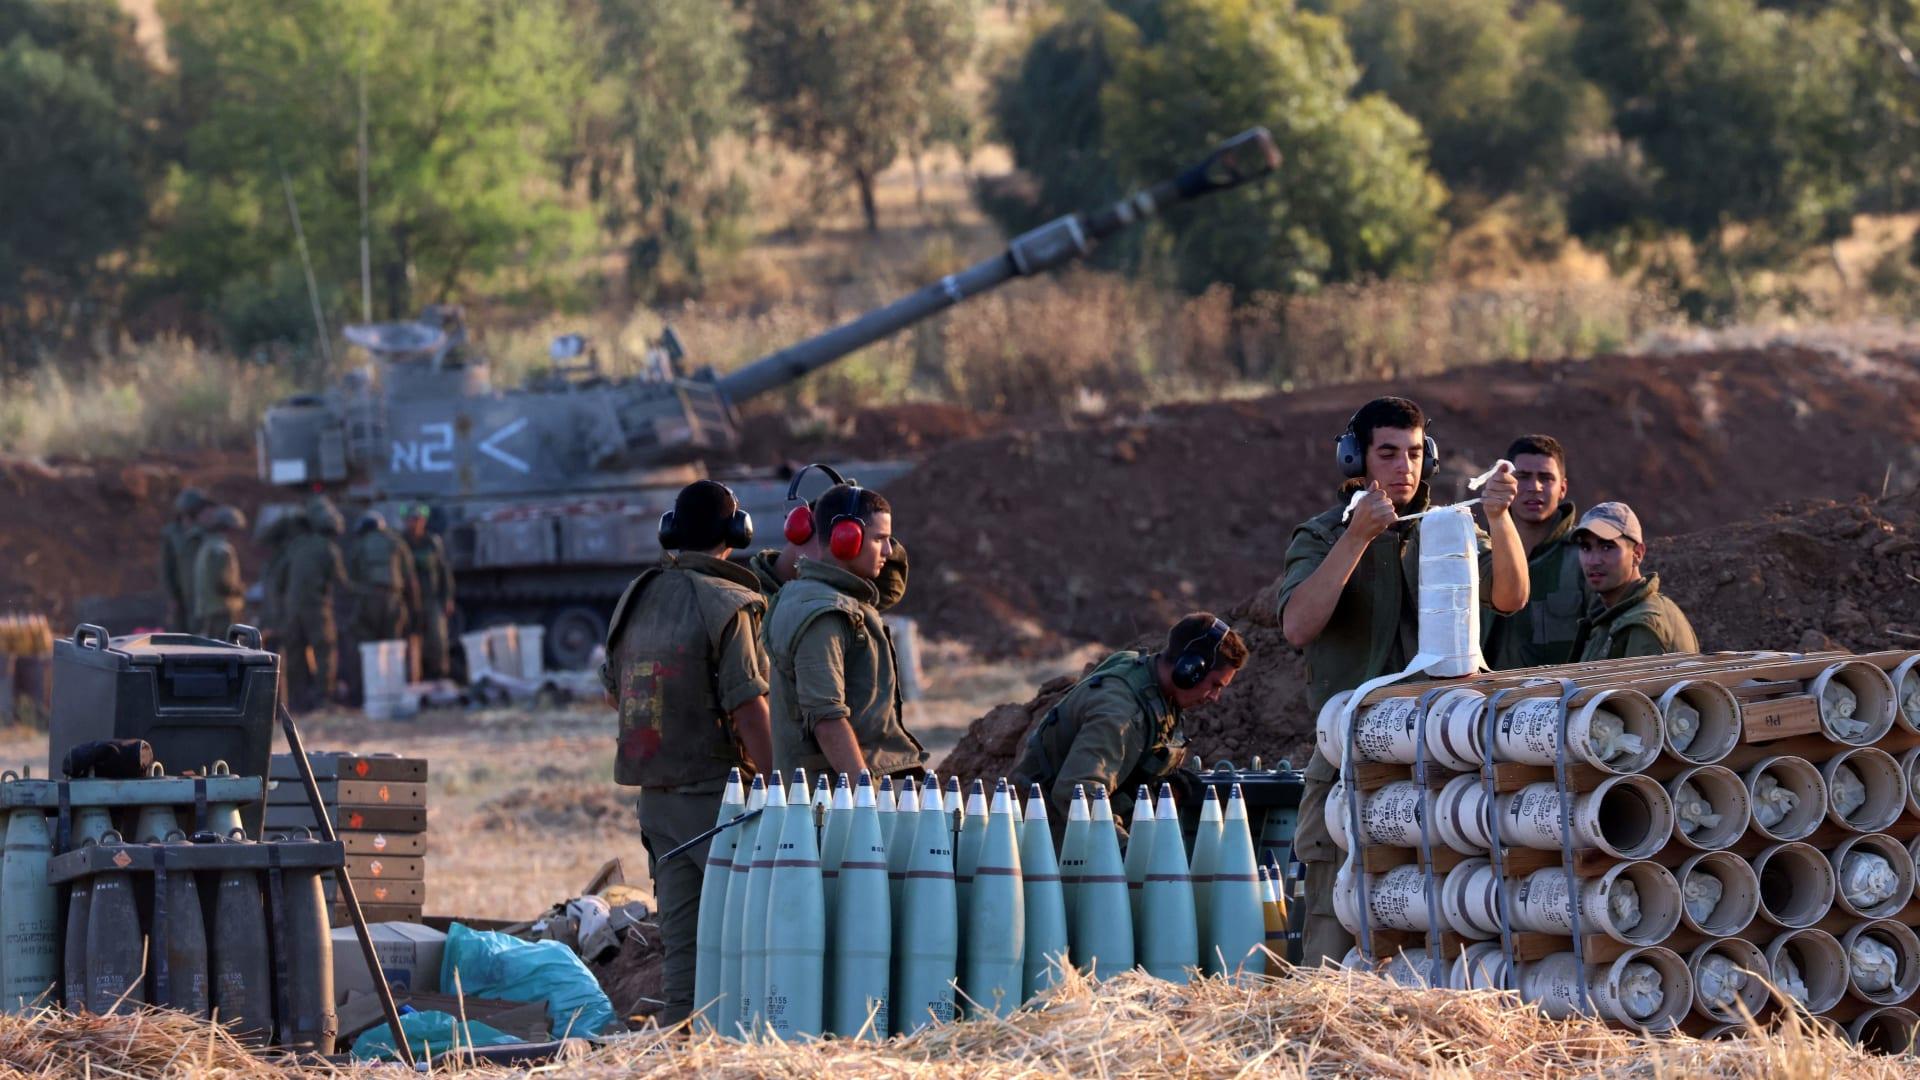 إسرائيل تحشد قواتها على حدود غزة.. هل تتوغل برياً؟